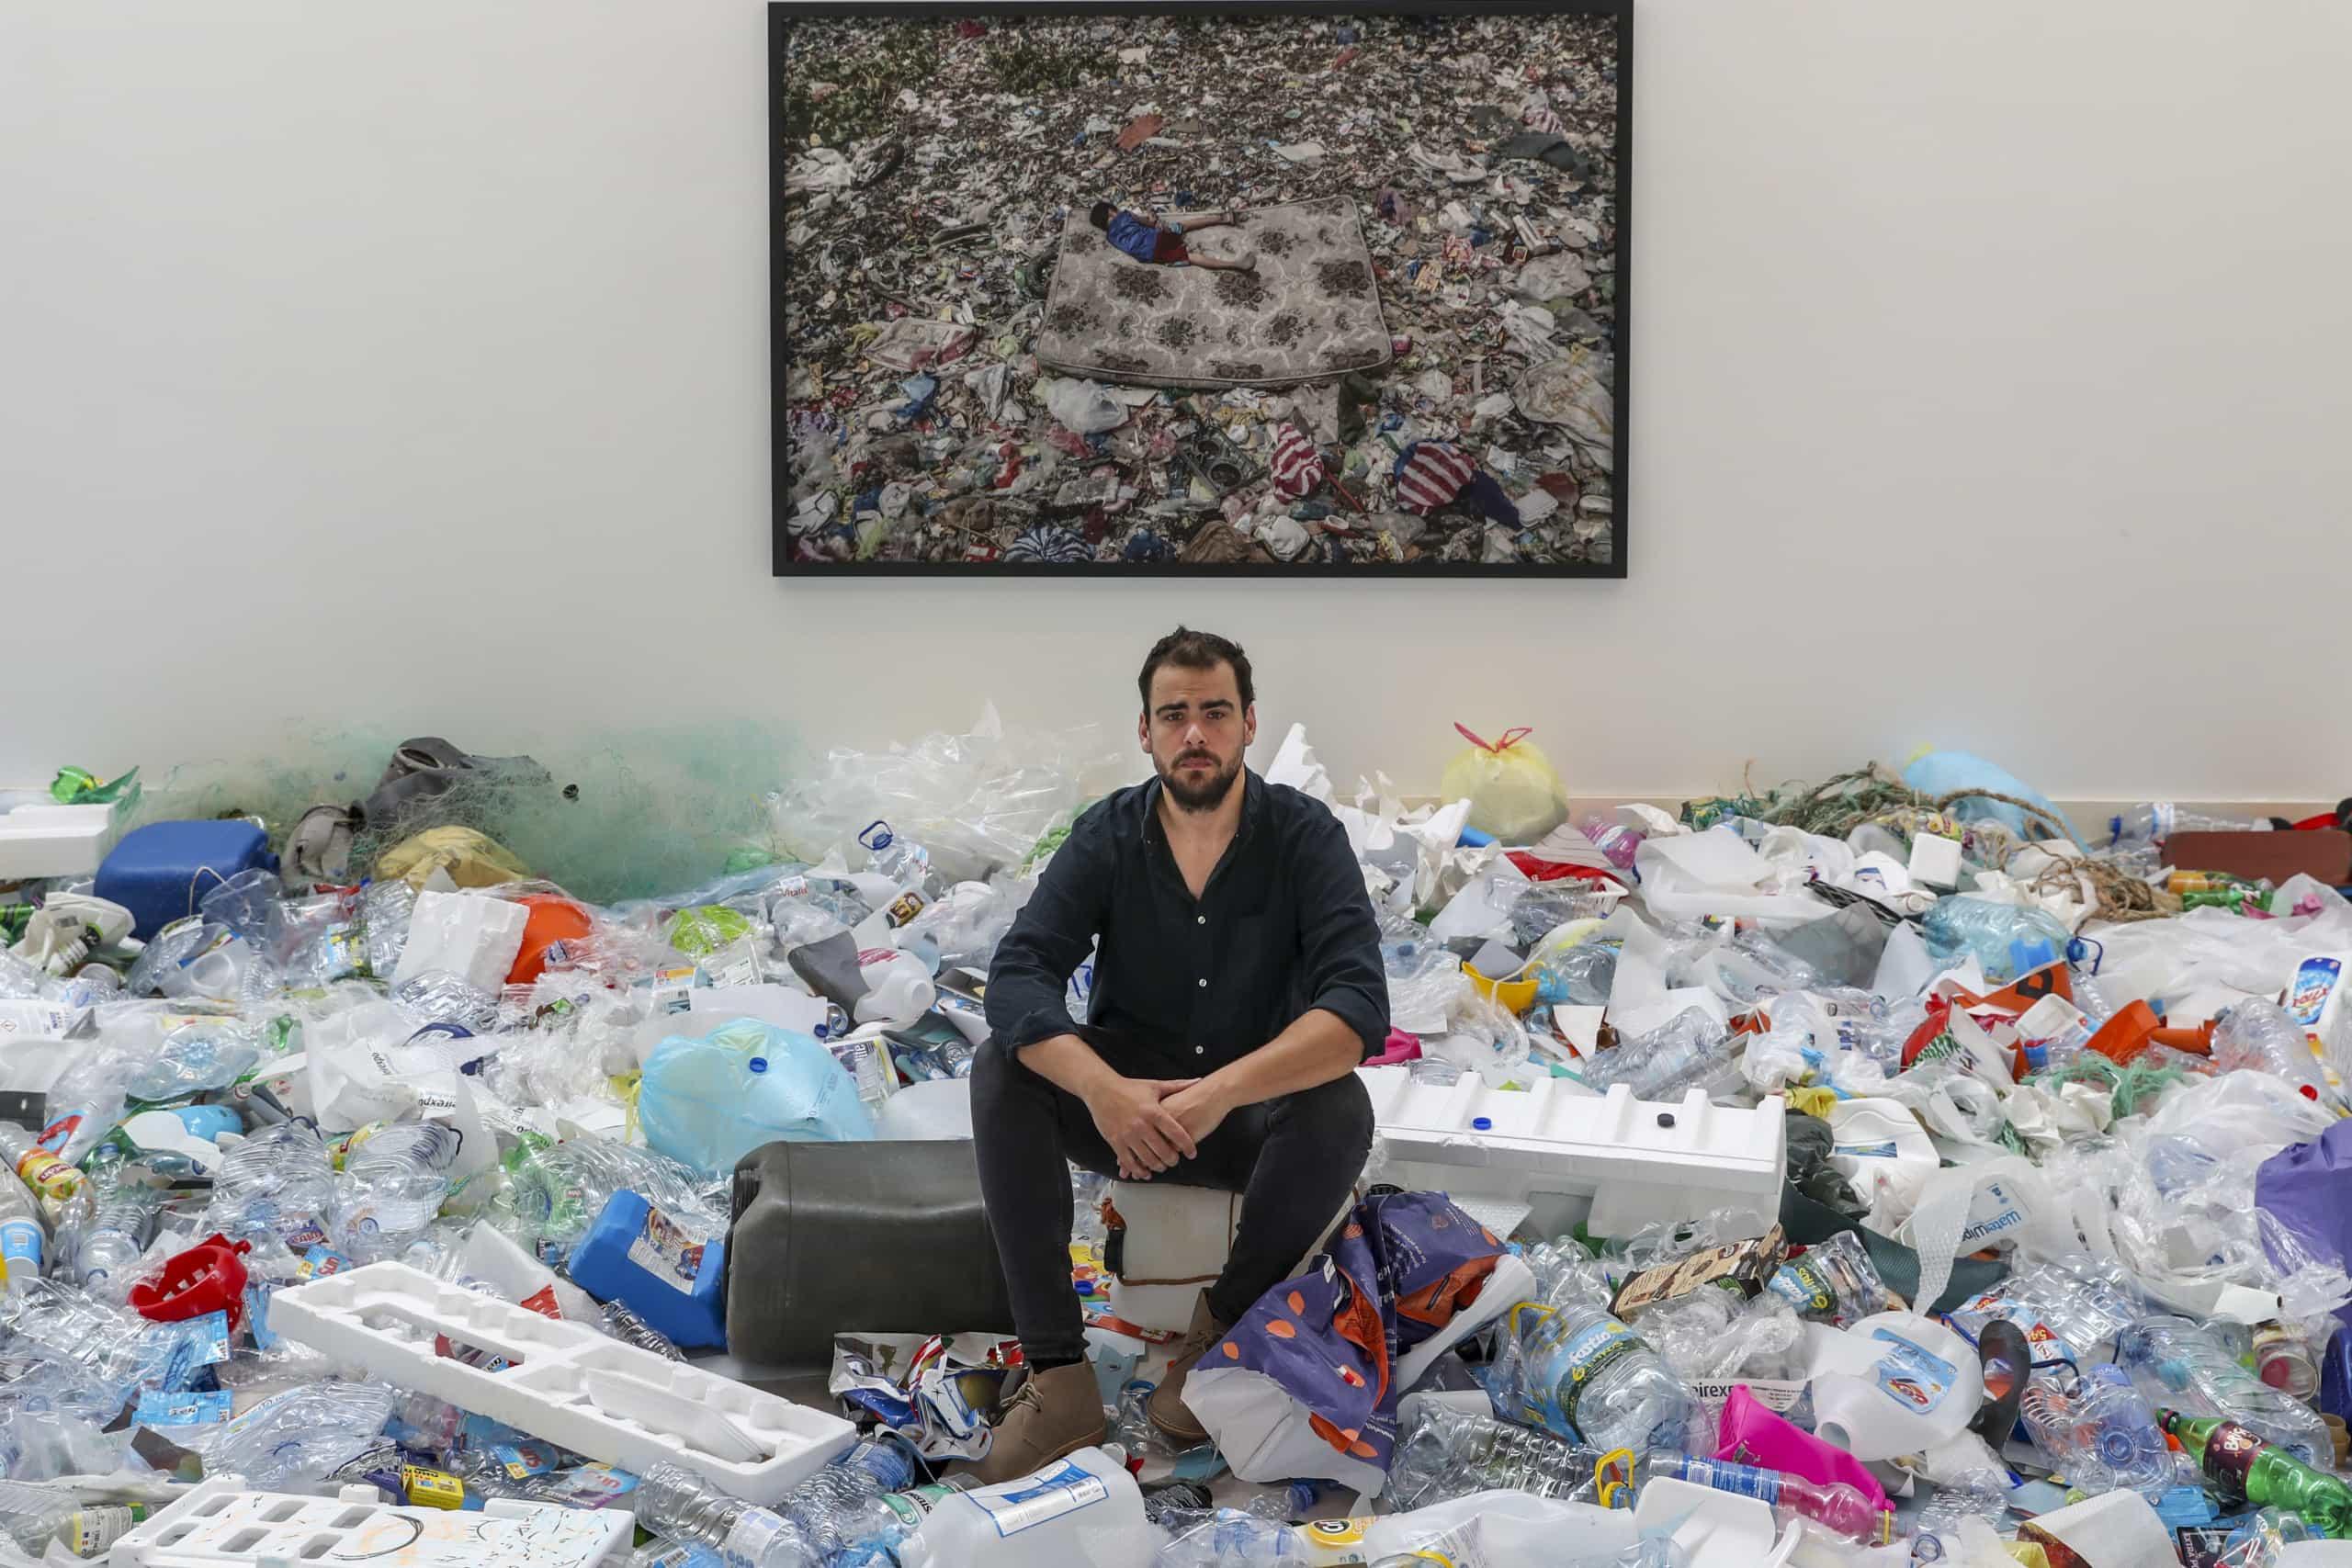 Inaugurada mostra de Mário Cruz sobre vida entre o lixo em Manila